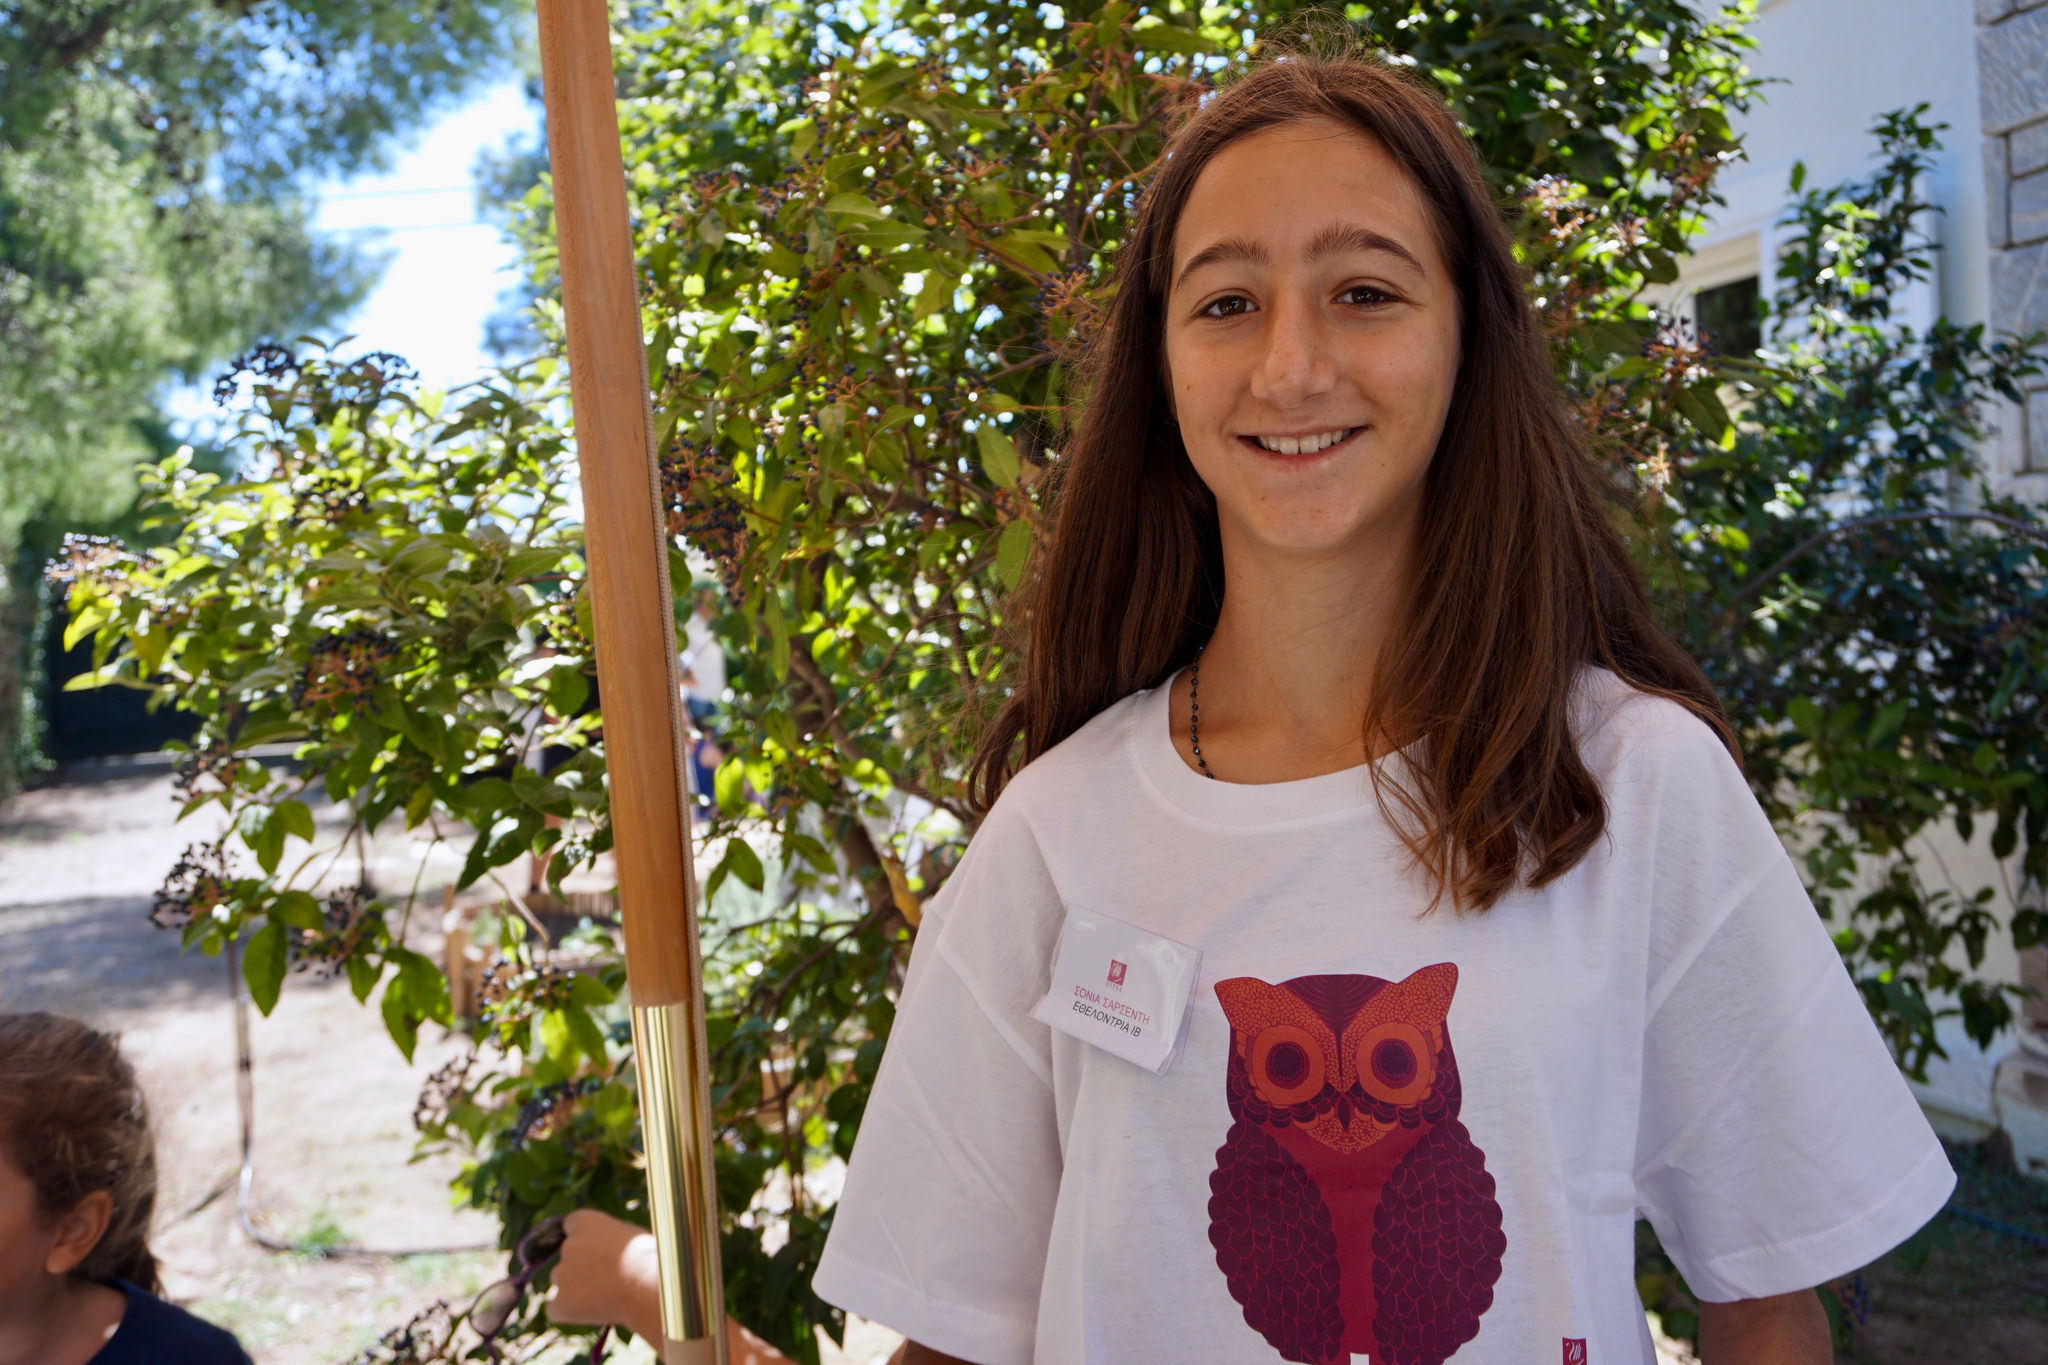 Η 16χρονη Σόνια συμμετέχει εθελοντικά στις δράσεις της Πύρνας για τους πρόσφυγες